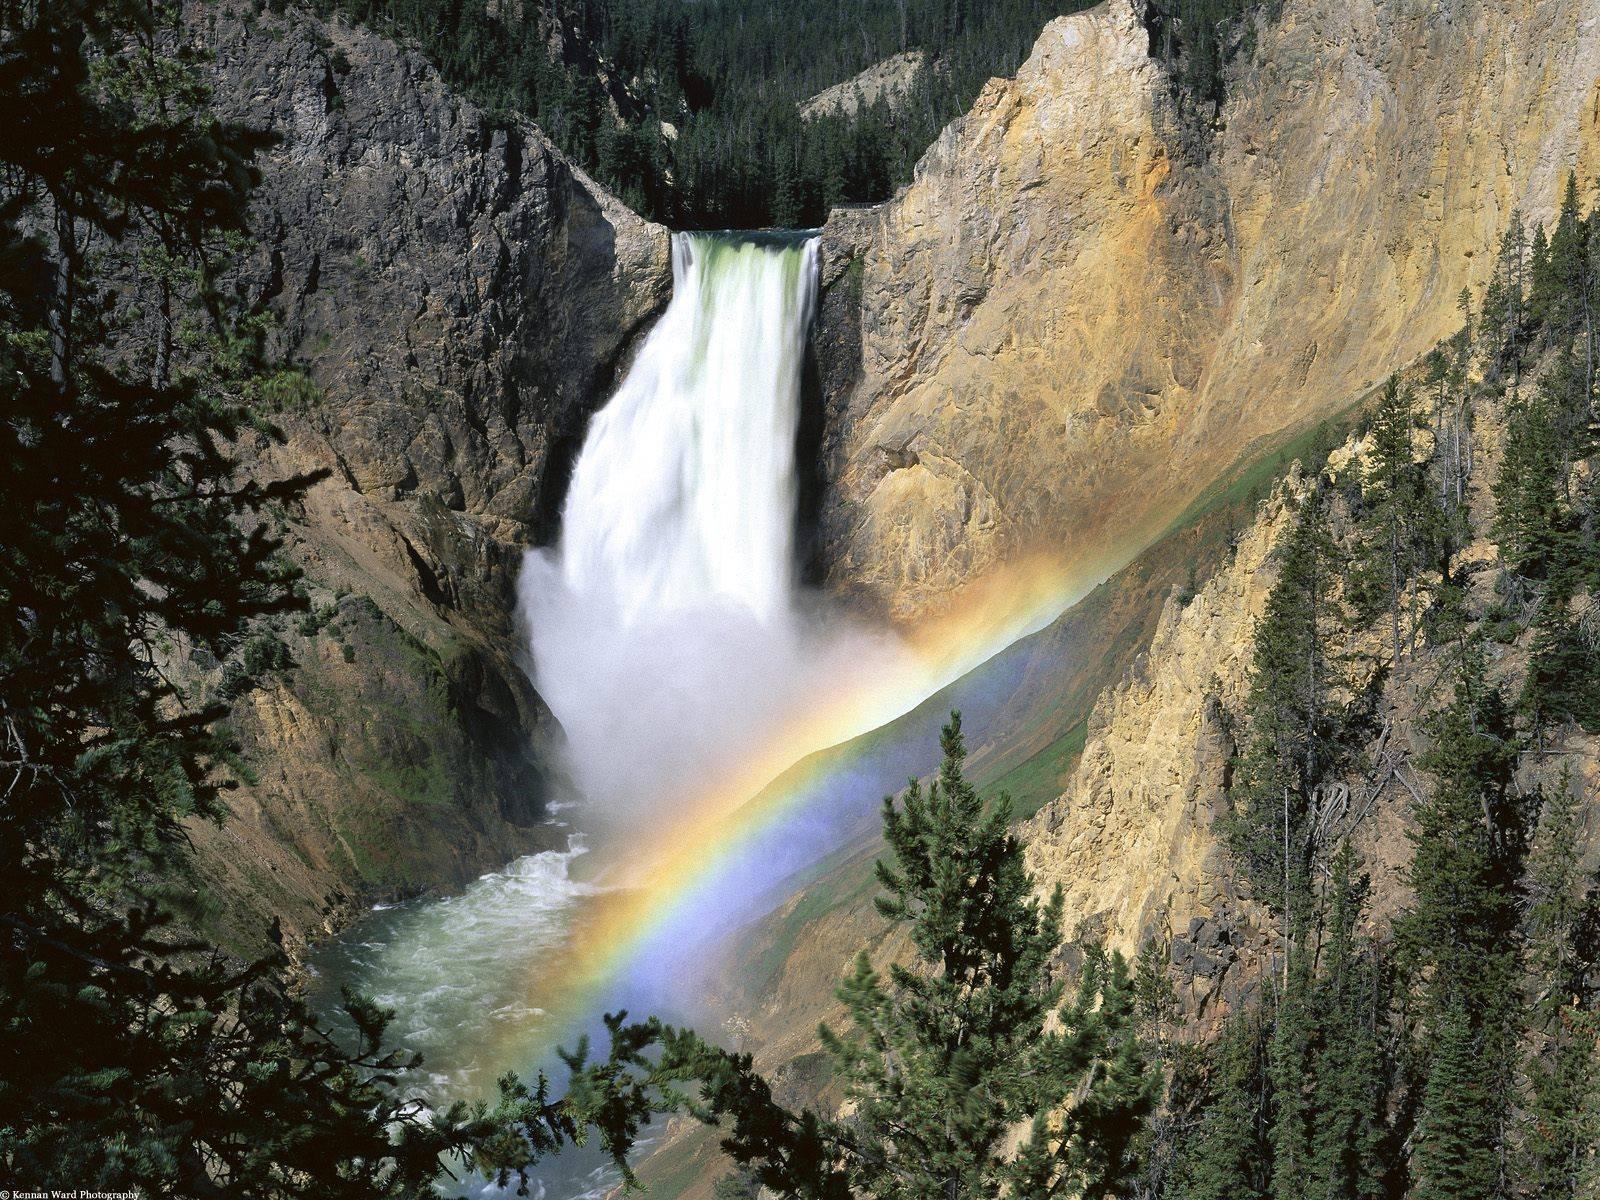 Yellowstone%20Falls,%20Yellowstone%20National%20Park,%20Wyoming.jpg